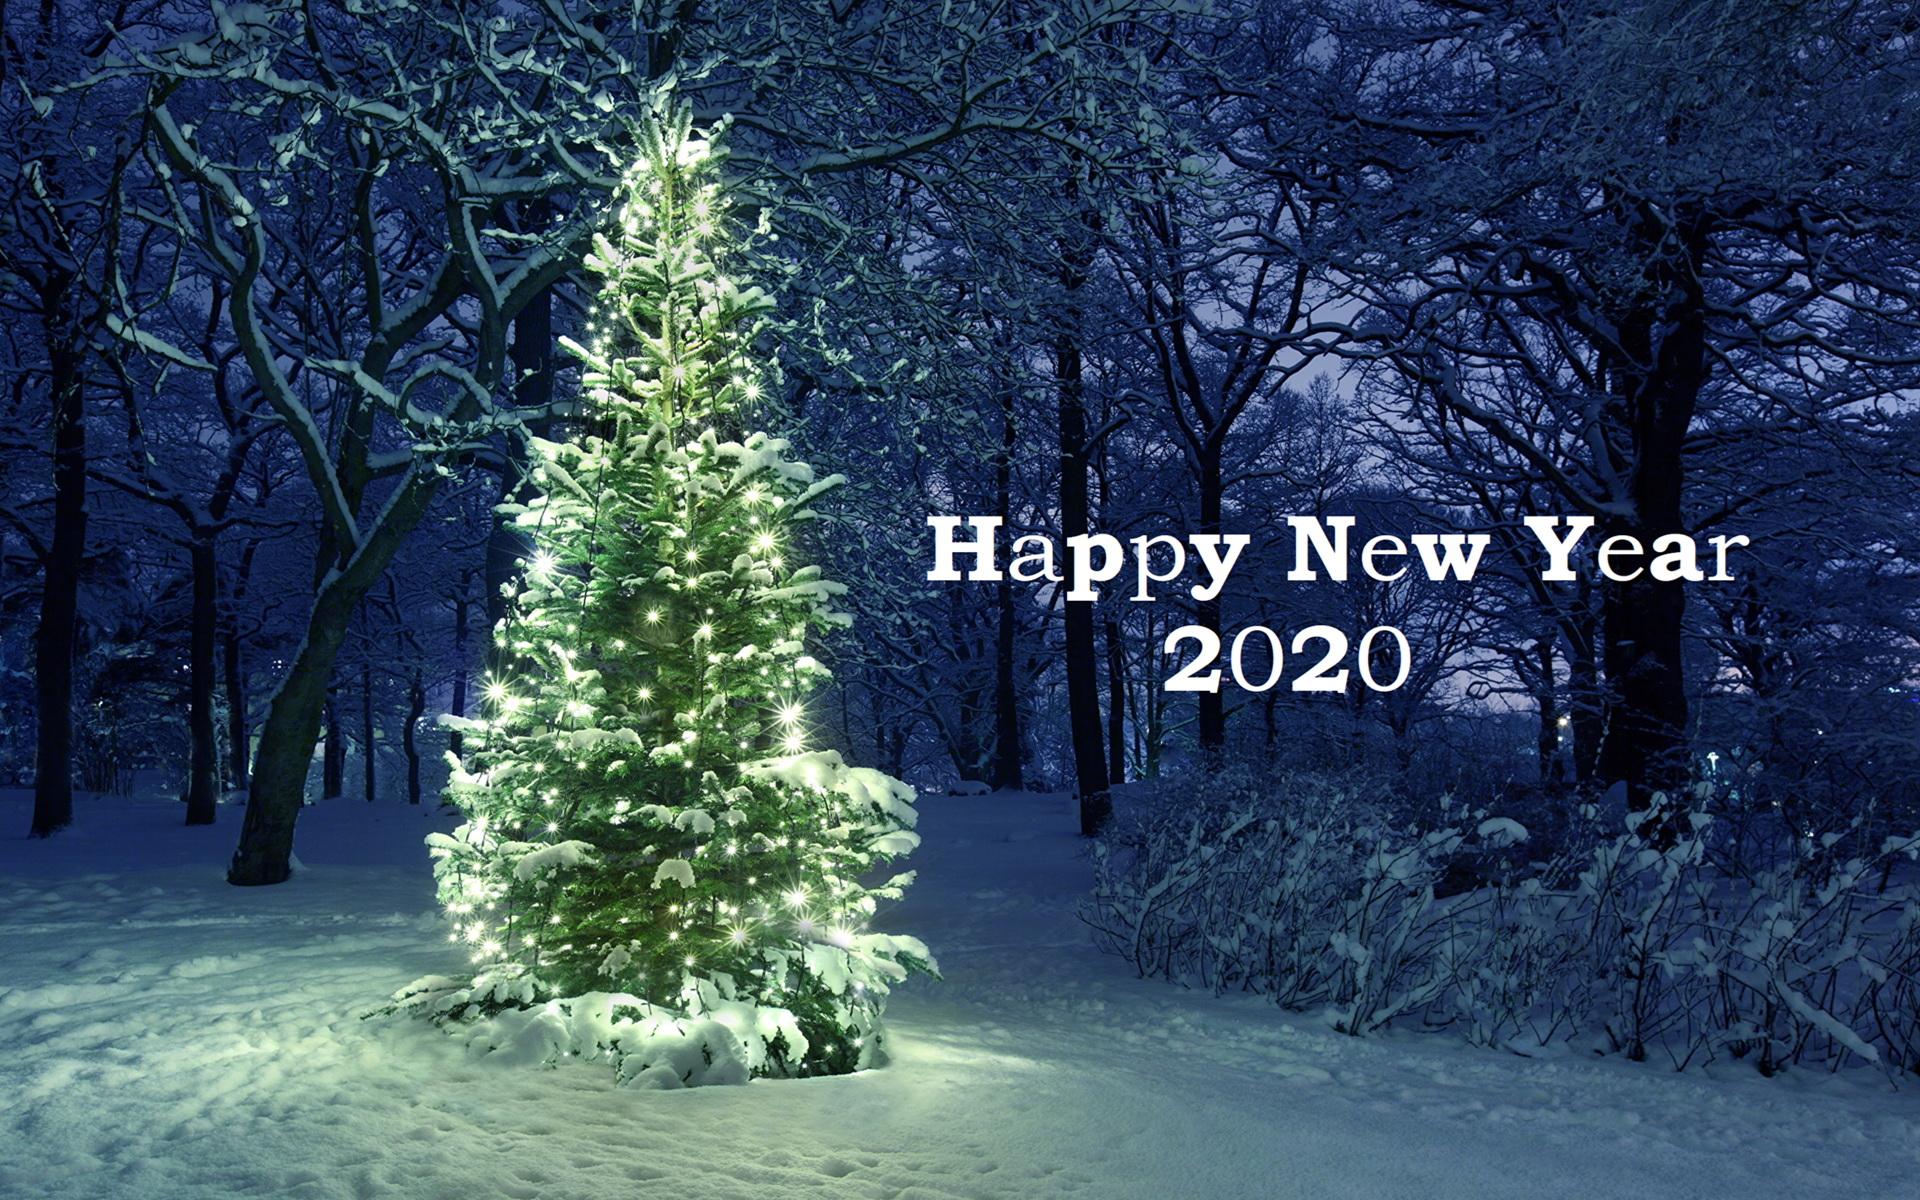 Hình nền chúc mừng năm mới đơn giản